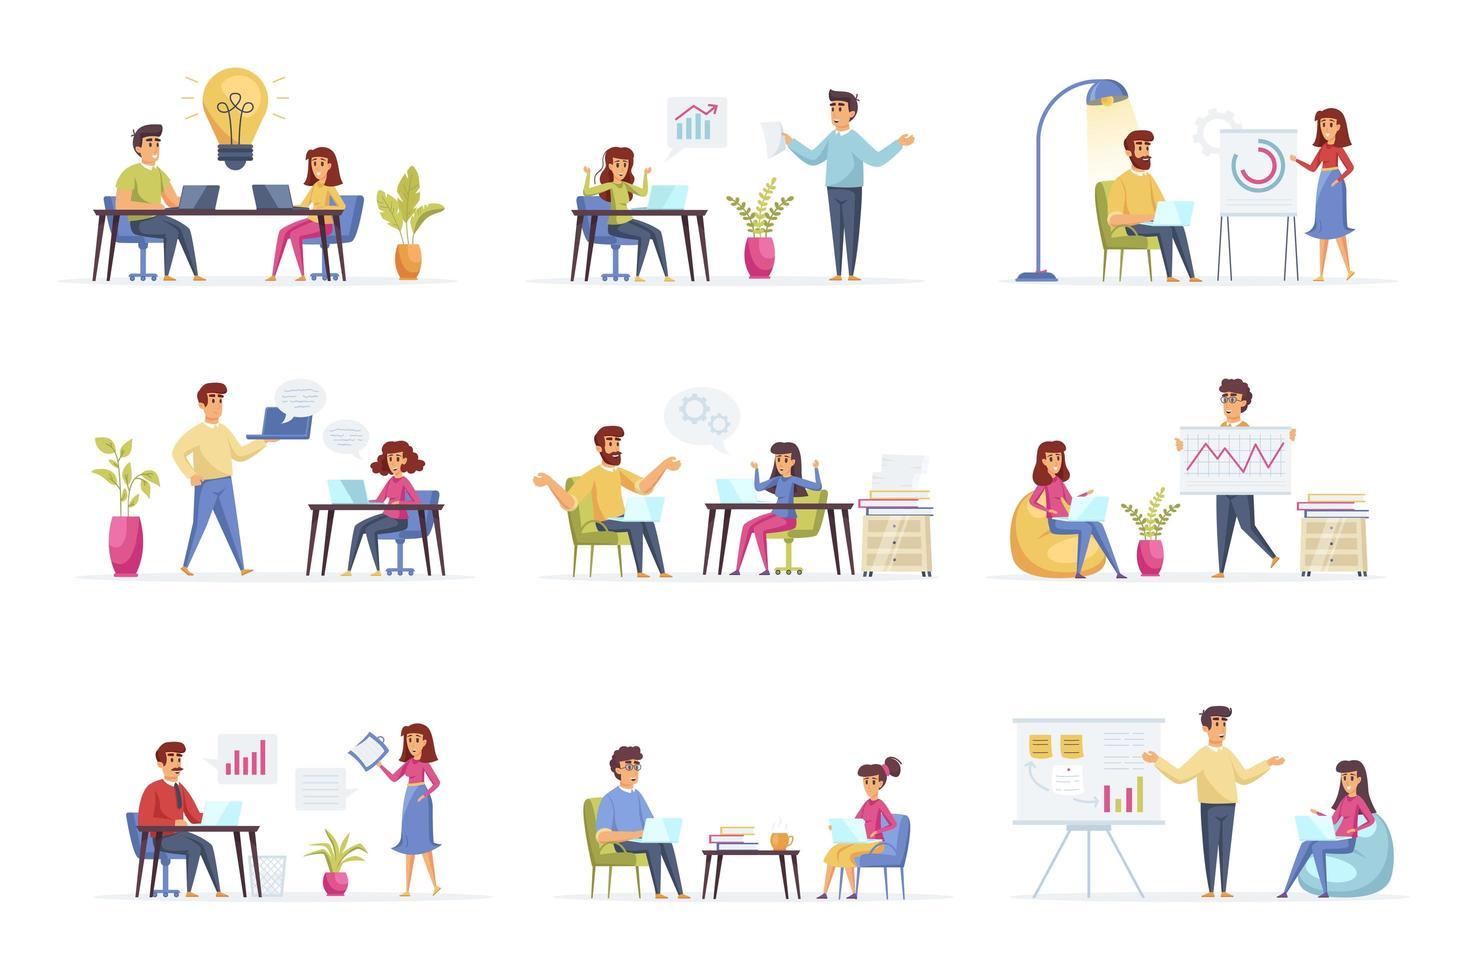 zakelijke bijeenkomst scènes bundel vector